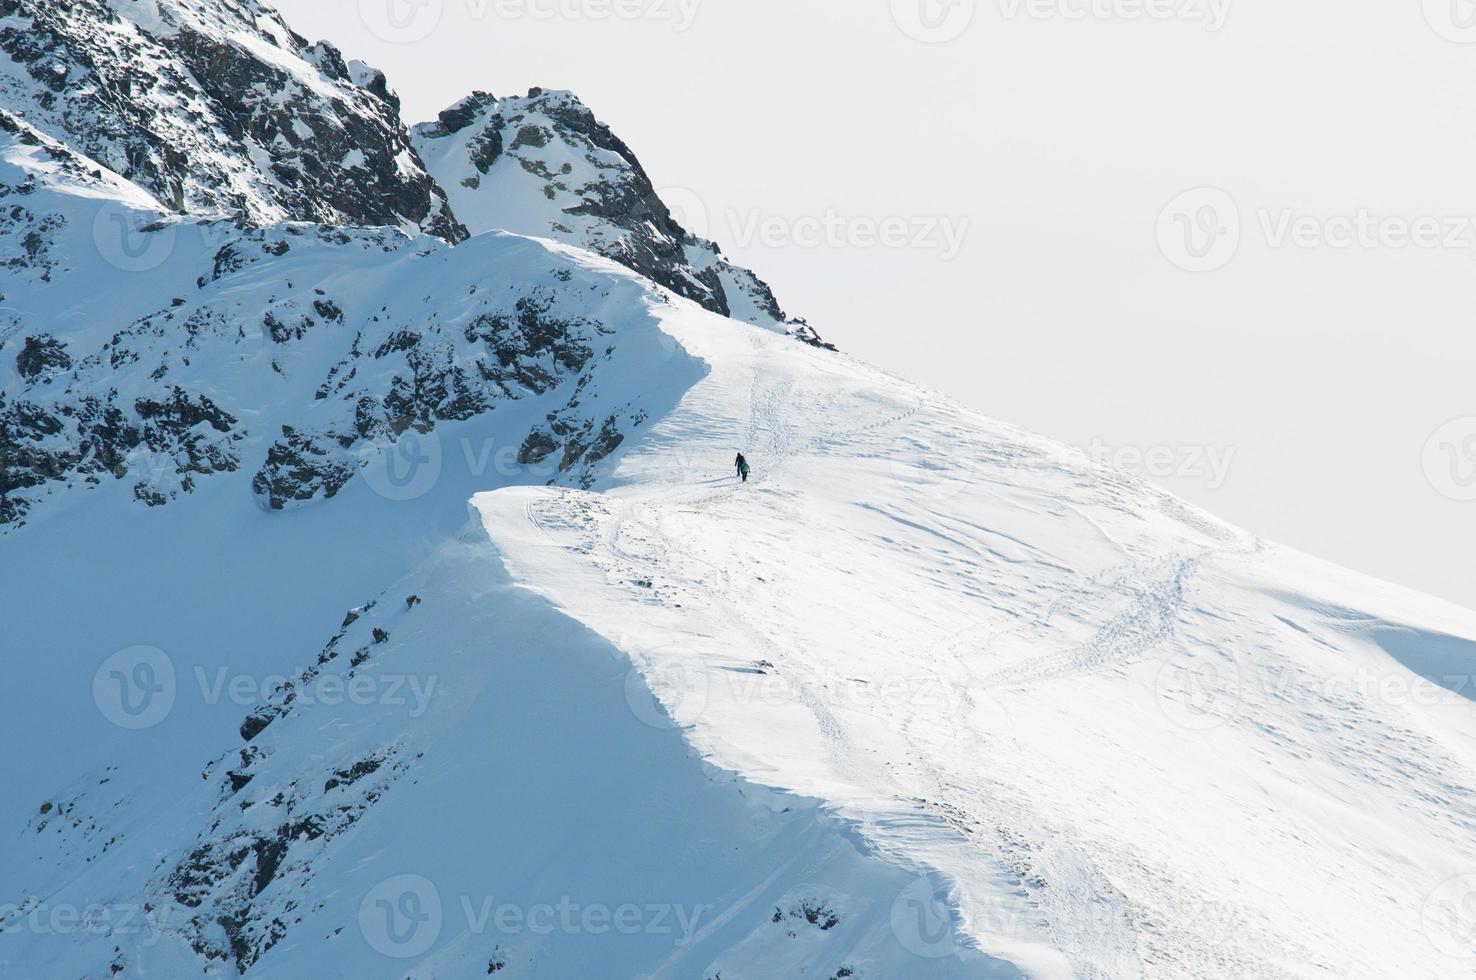 deux personnes en randonnée de grande montagne, photo